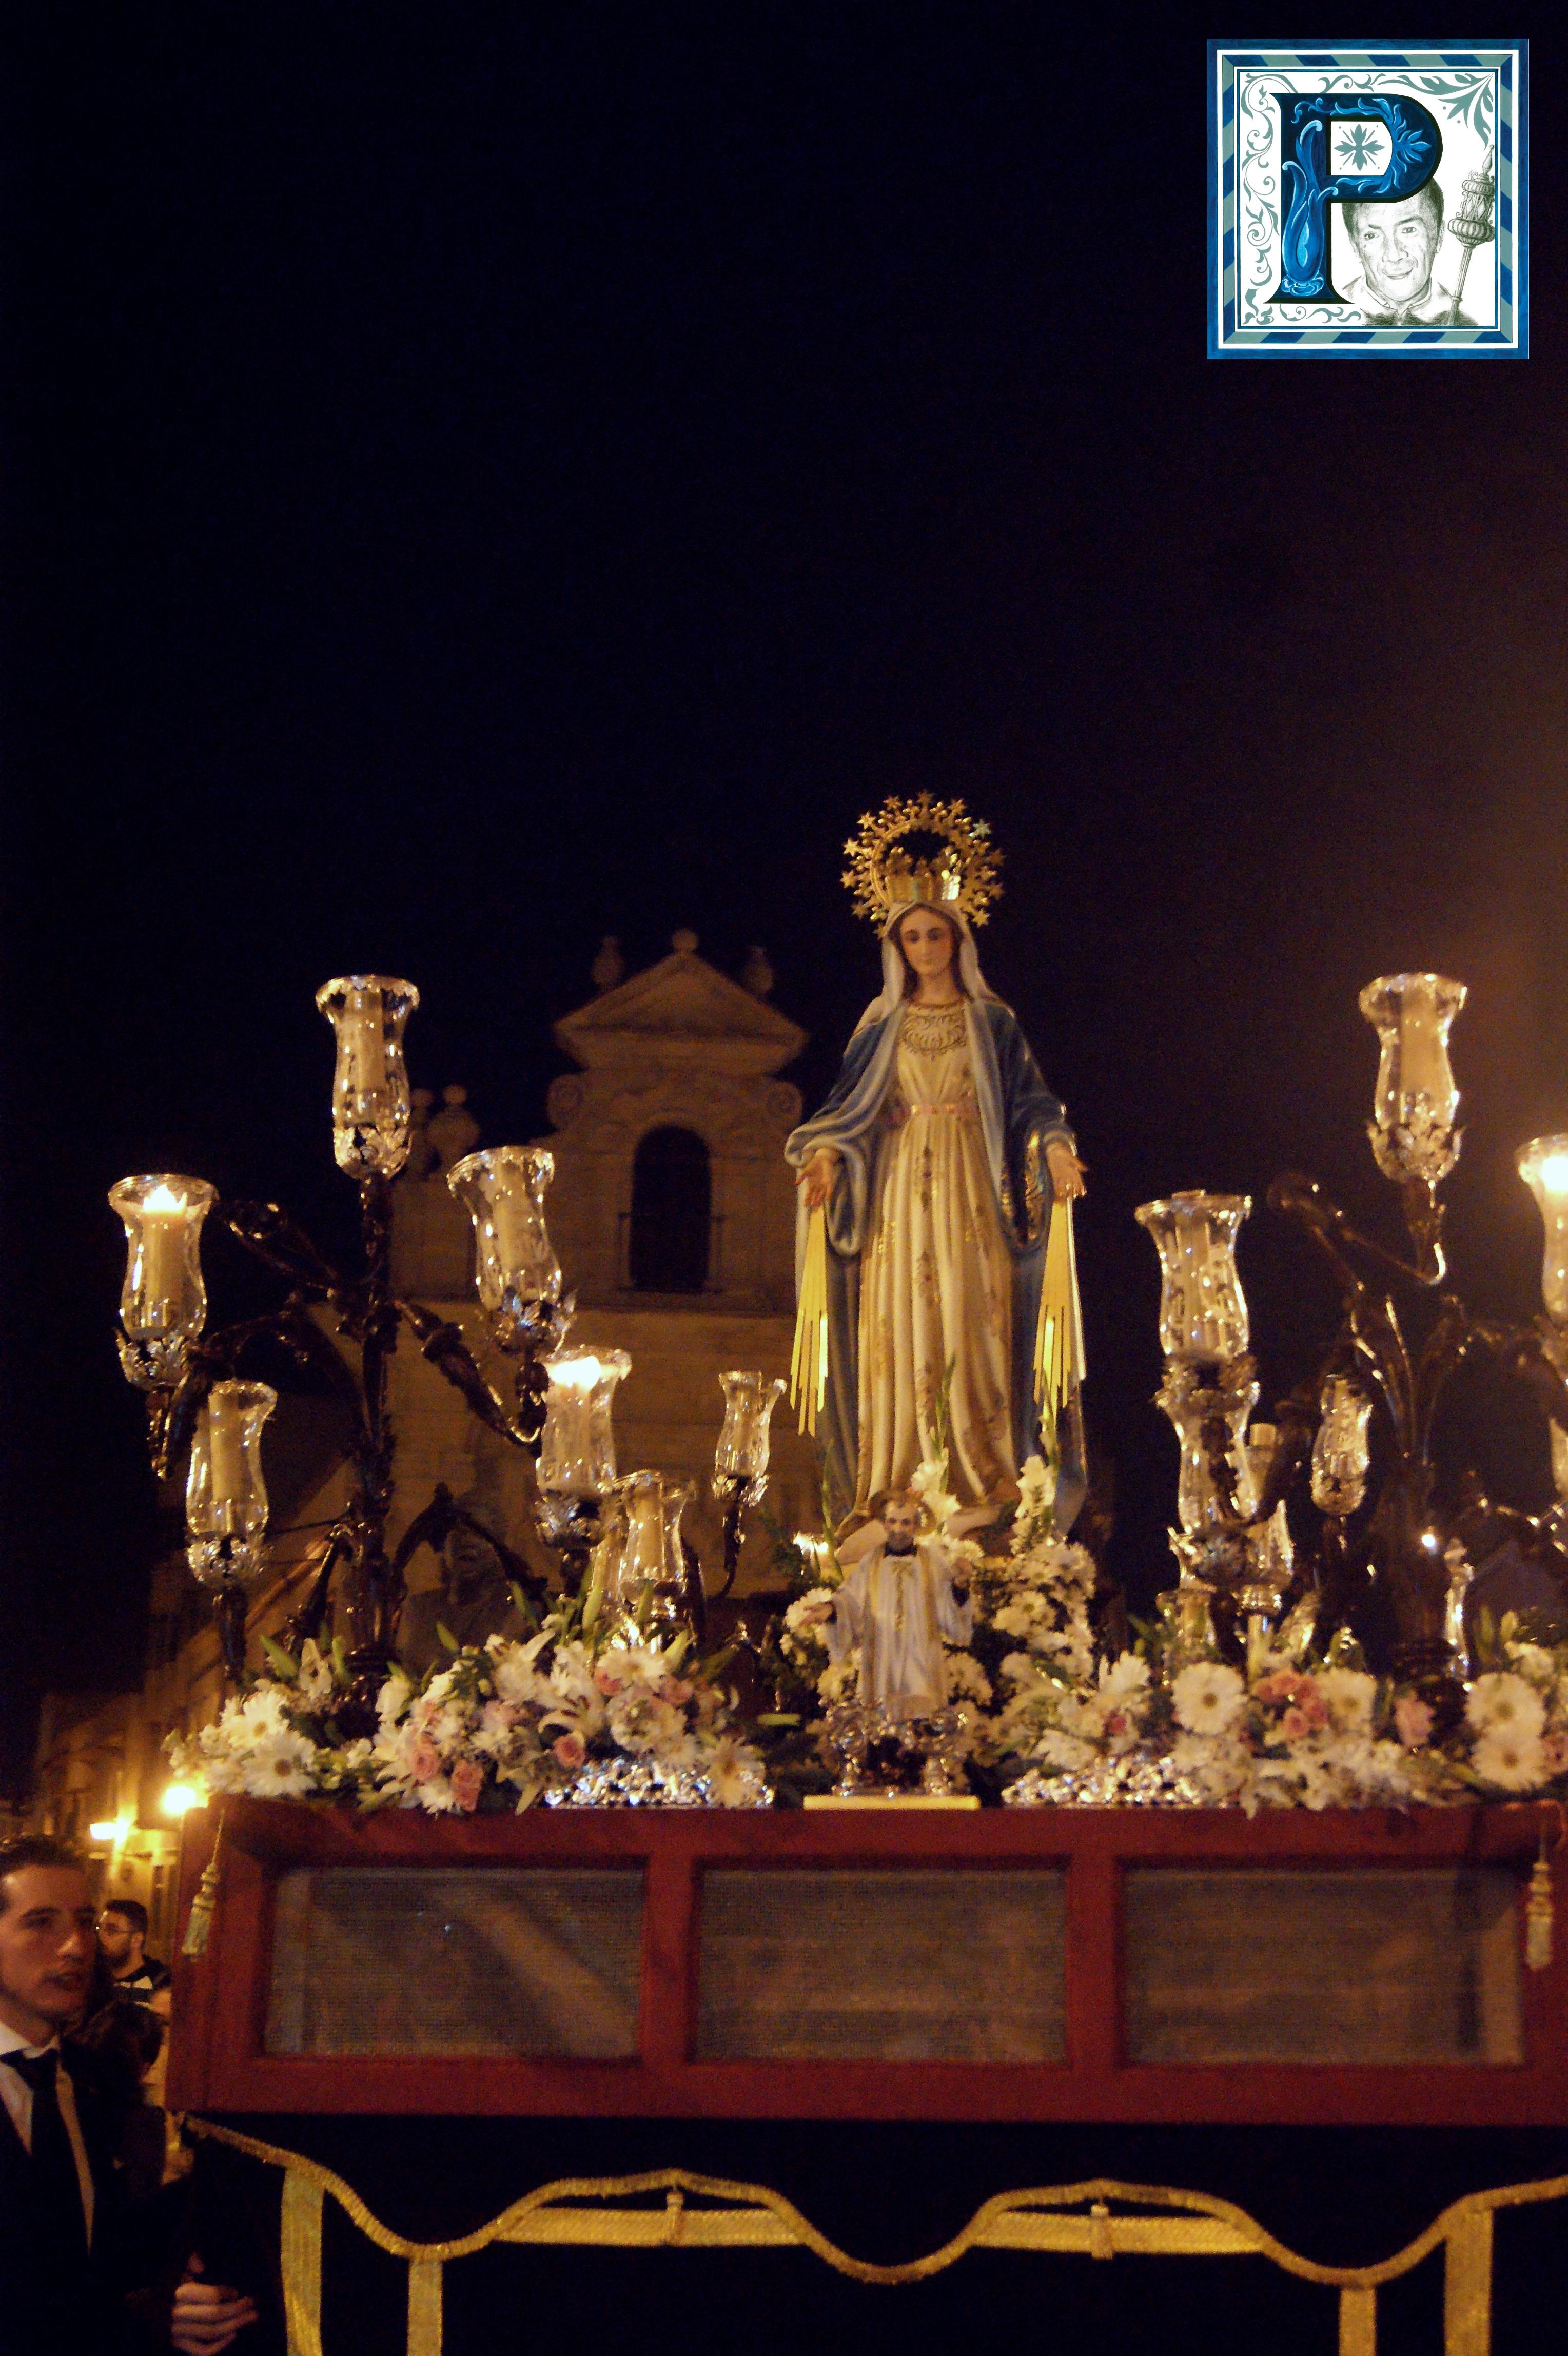 La Procesión de la Virgen de la Milagrosa en imágenes